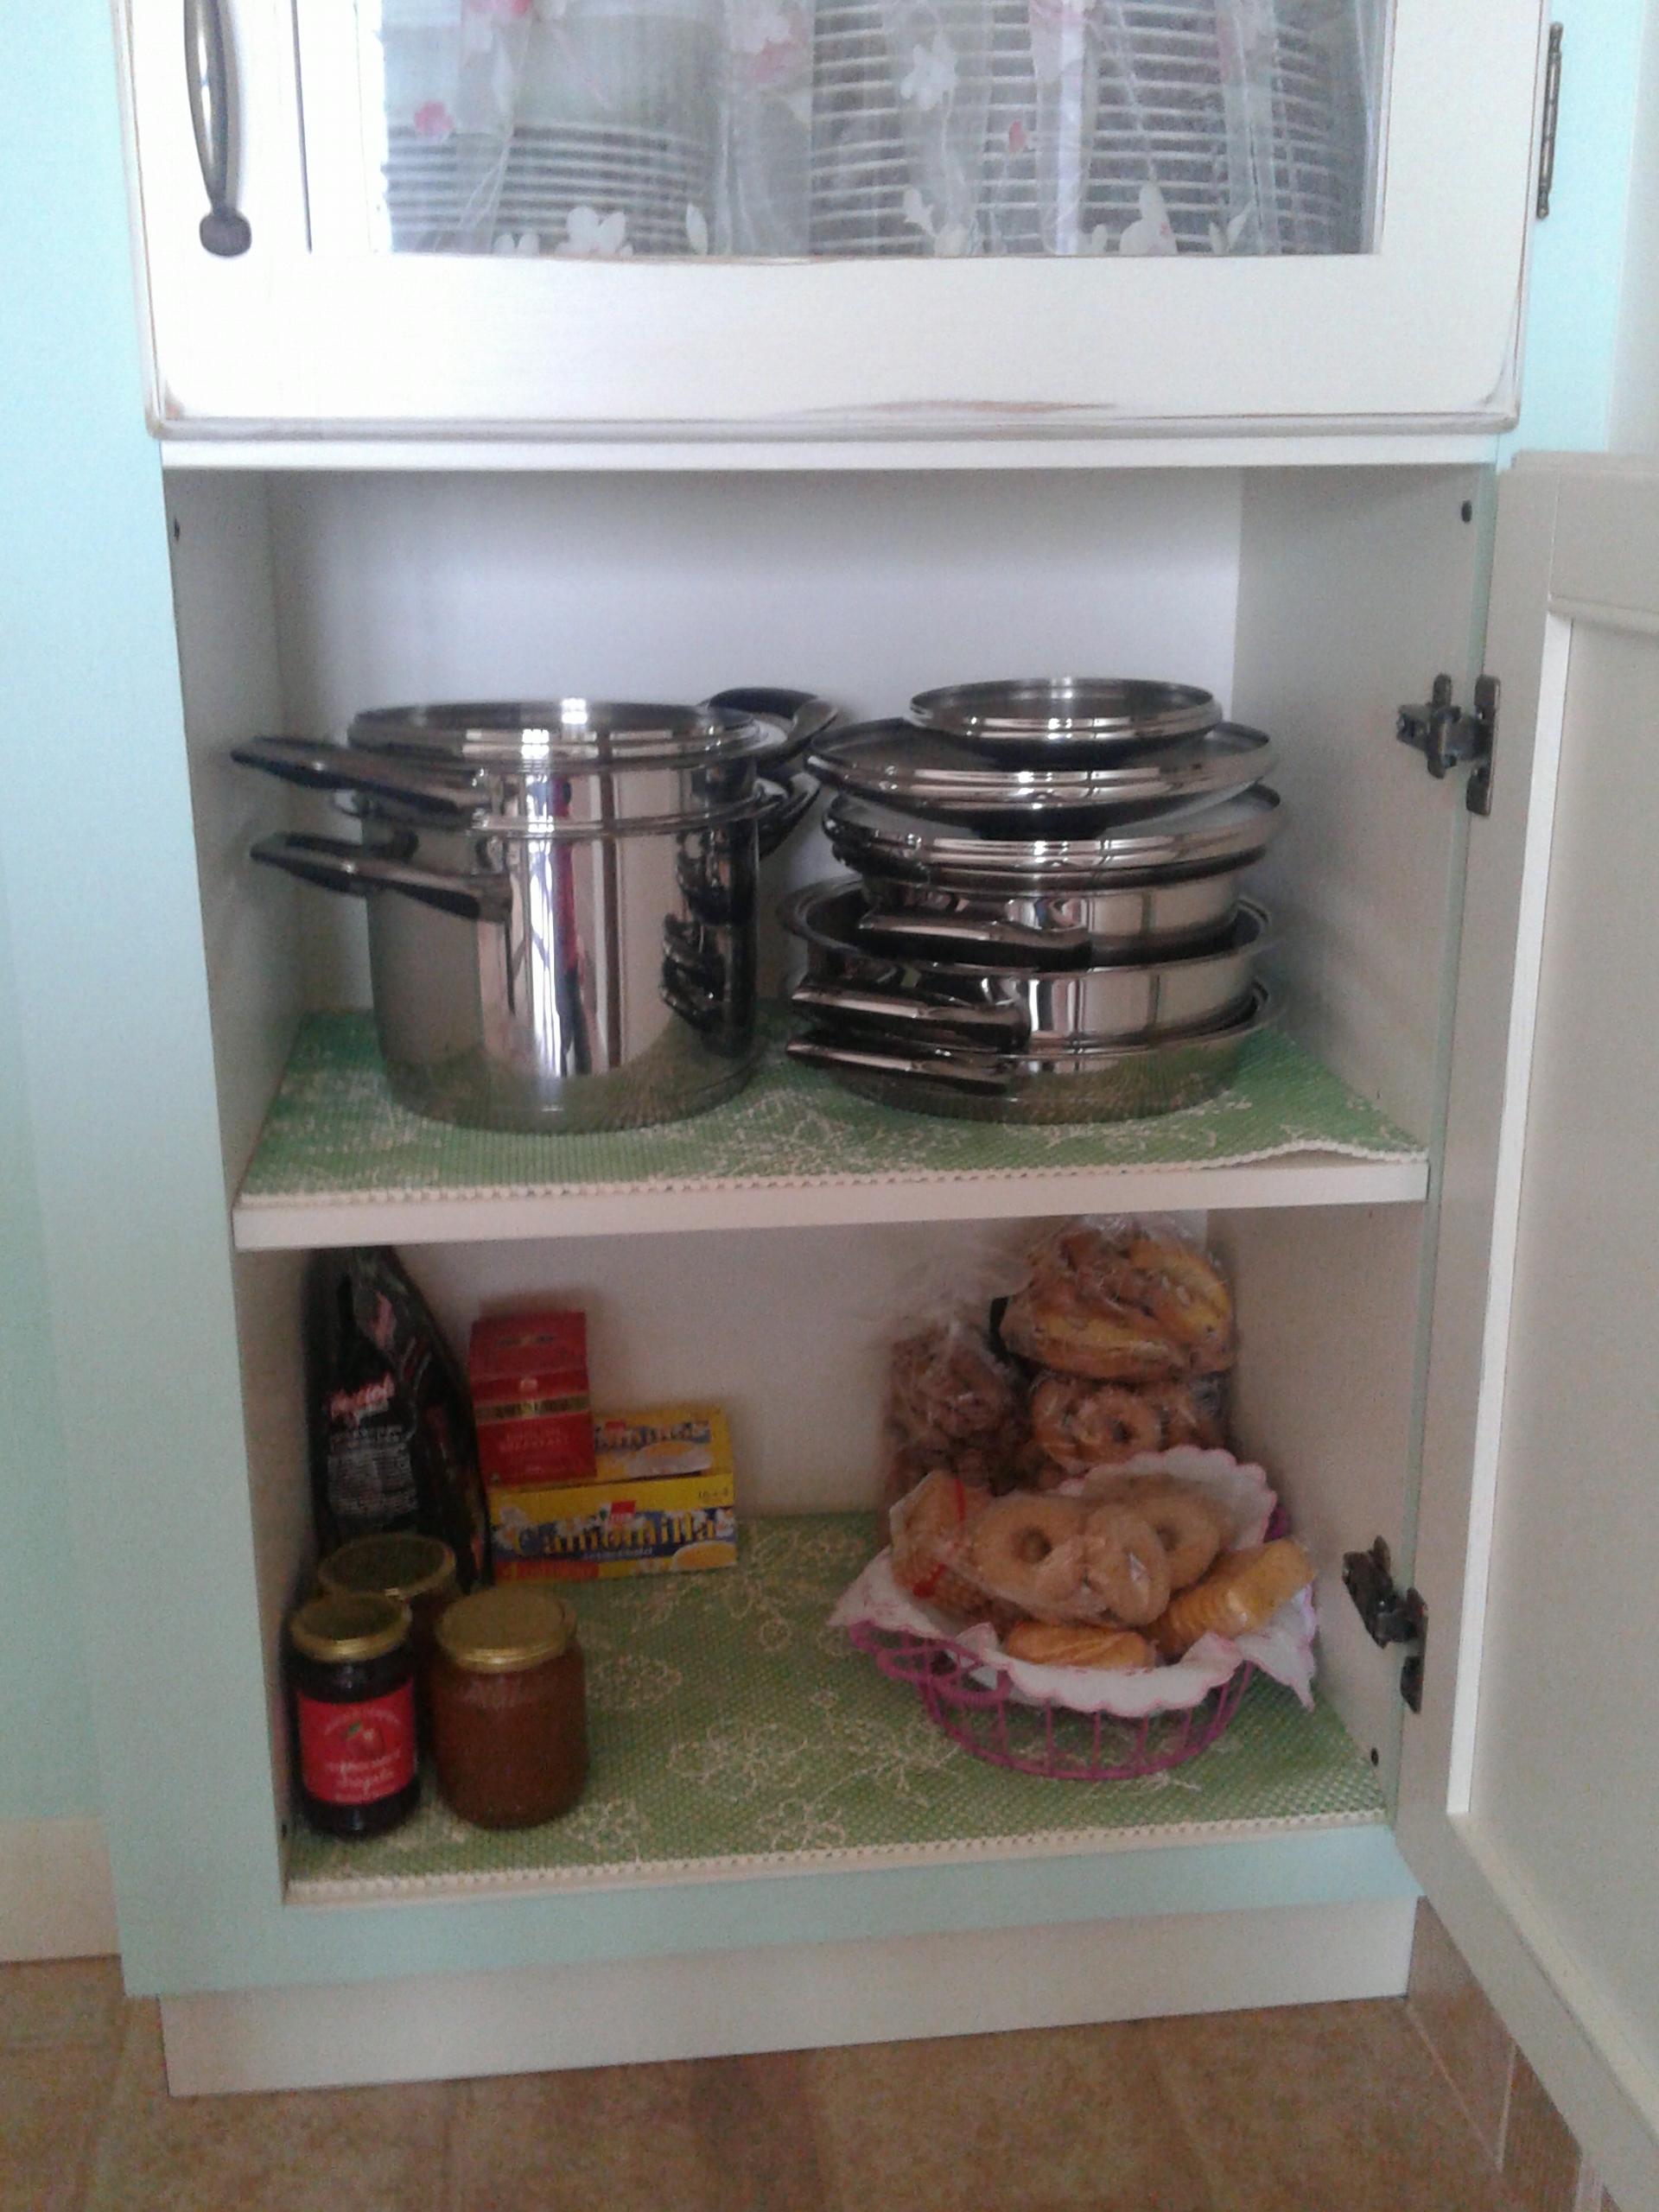 Organizzare la cucina doveri e piaceri - Organizzare la cucina ...